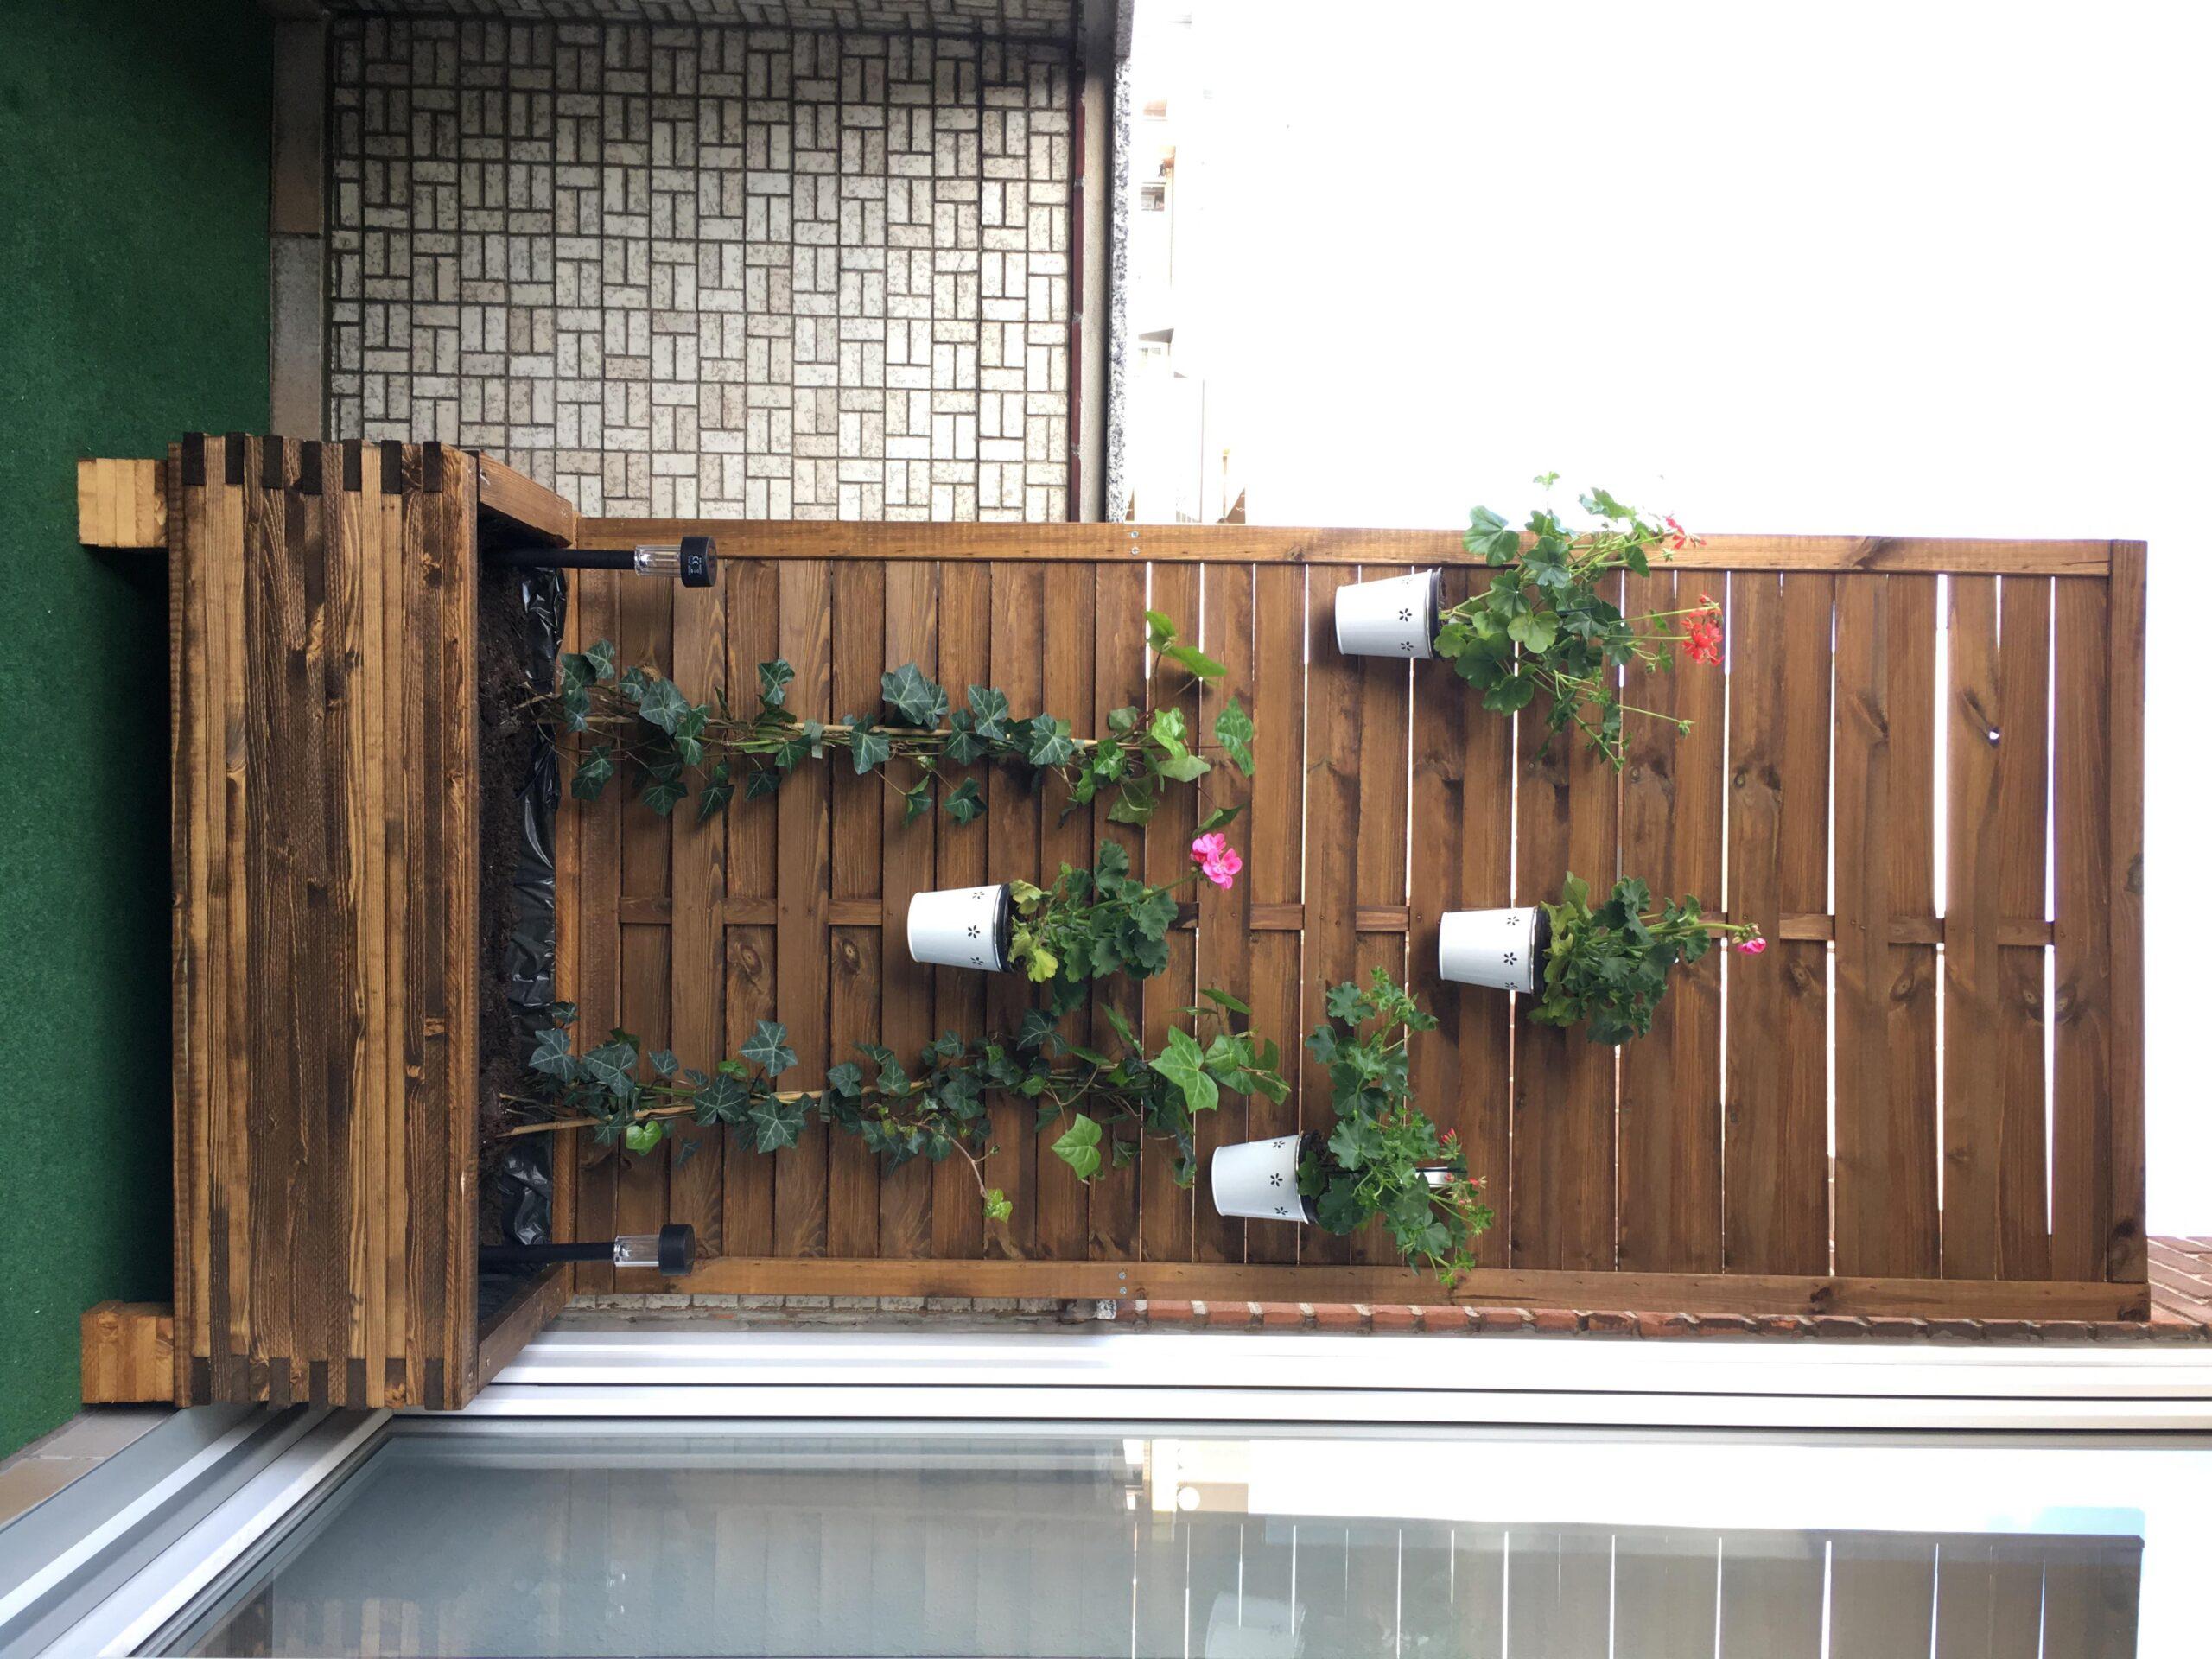 Full Size of Fenster Einbauen Kopfteil Bett Selber Bauen Fliesenspiegel Küche Machen Sichtschutzfolie Einseitig Durchsichtig Sichtschutz Für 140x200 Einbauküche Wohnzimmer Sichtschutz Selber Bauen